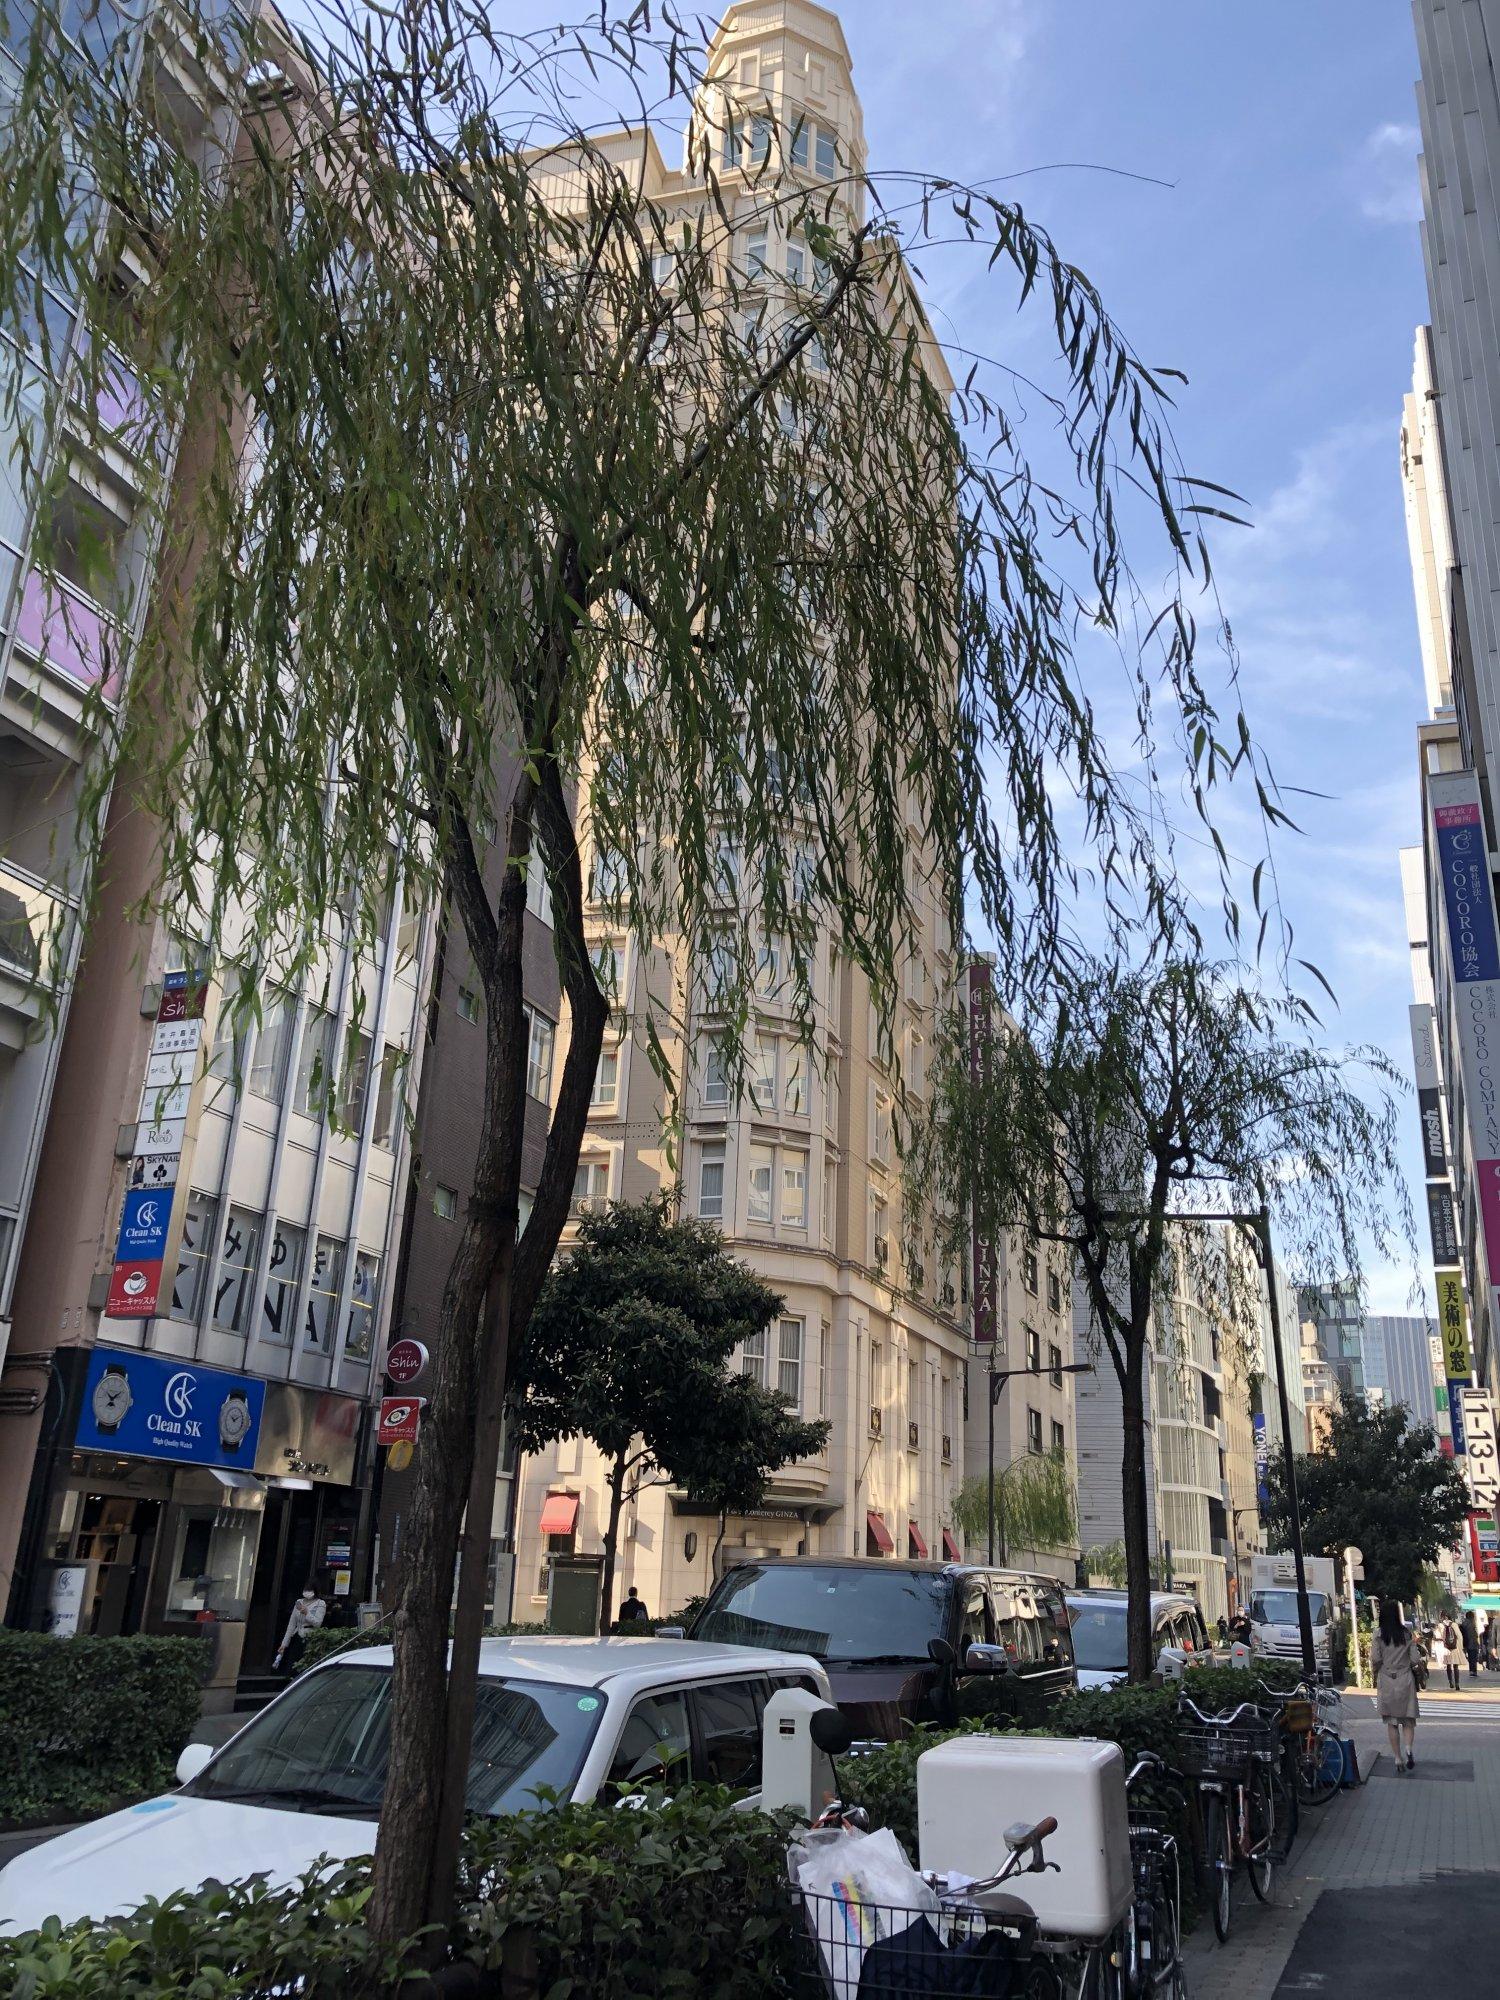 昭和62年(1987)には一部で柳の街路が復活……したけど、昔ほどには存在感がない。